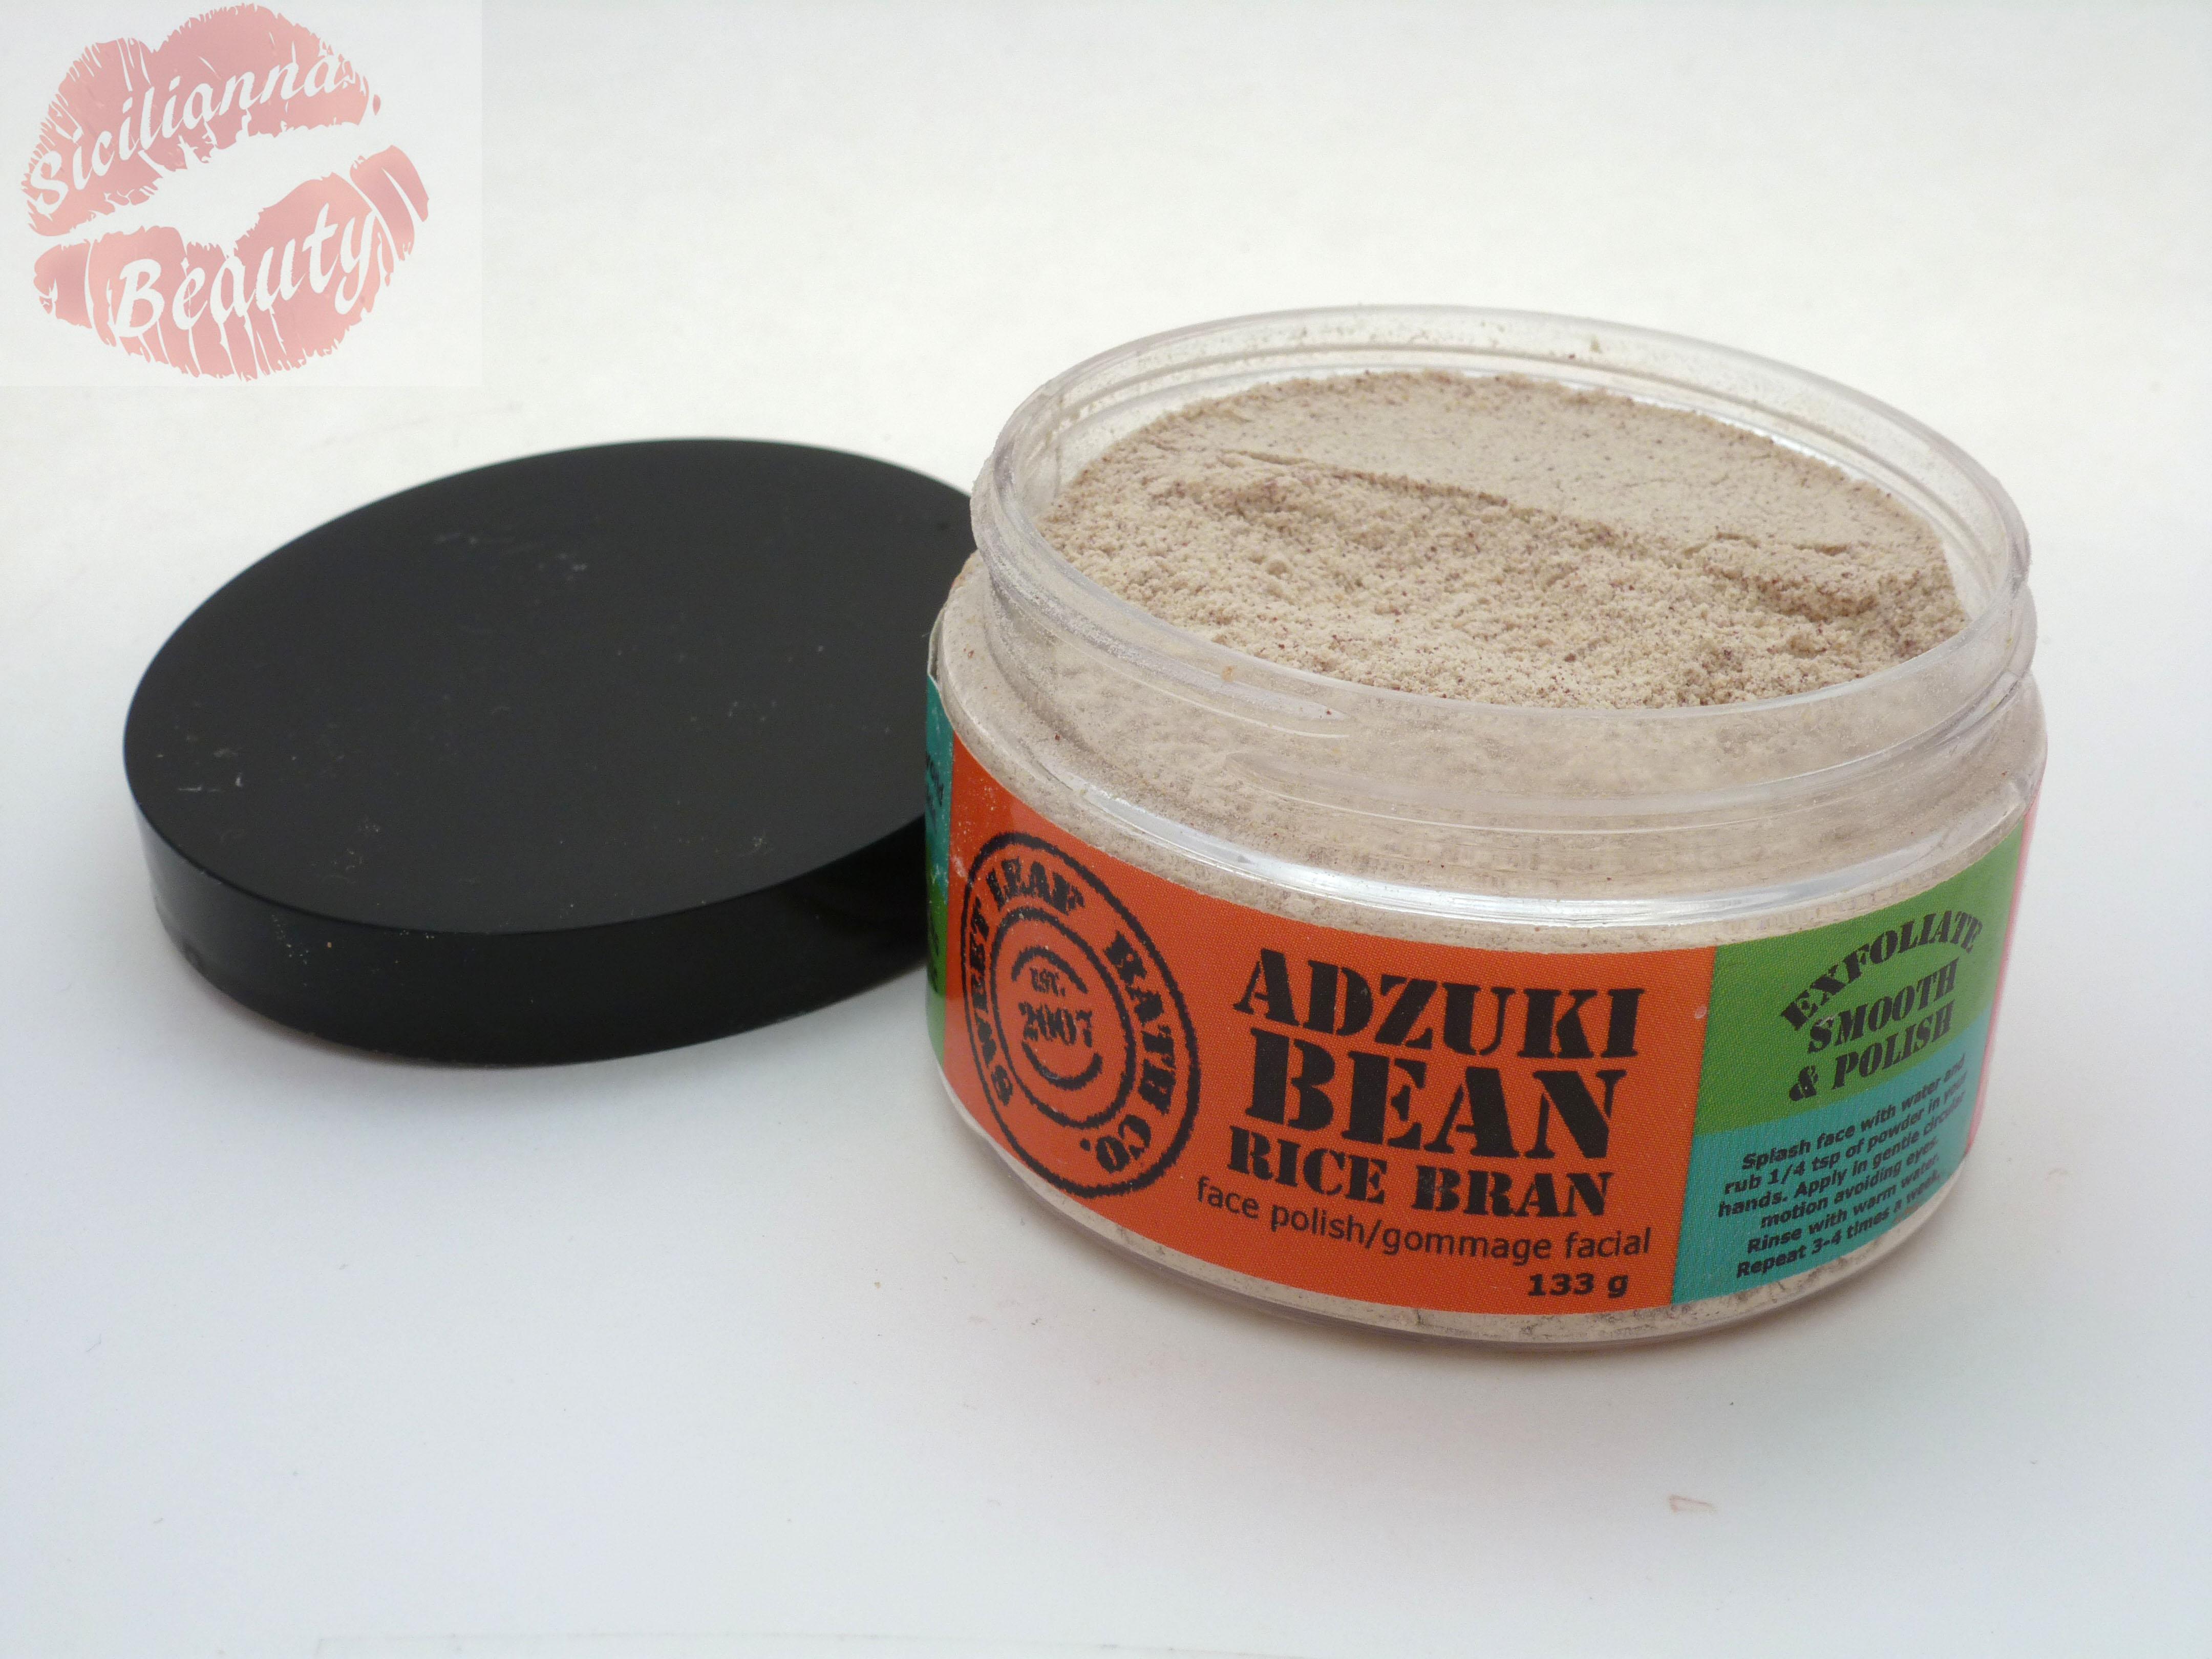 REVIEW: Sweet Leaf Bath Adzuki Bean & Rice Bran Face Polish